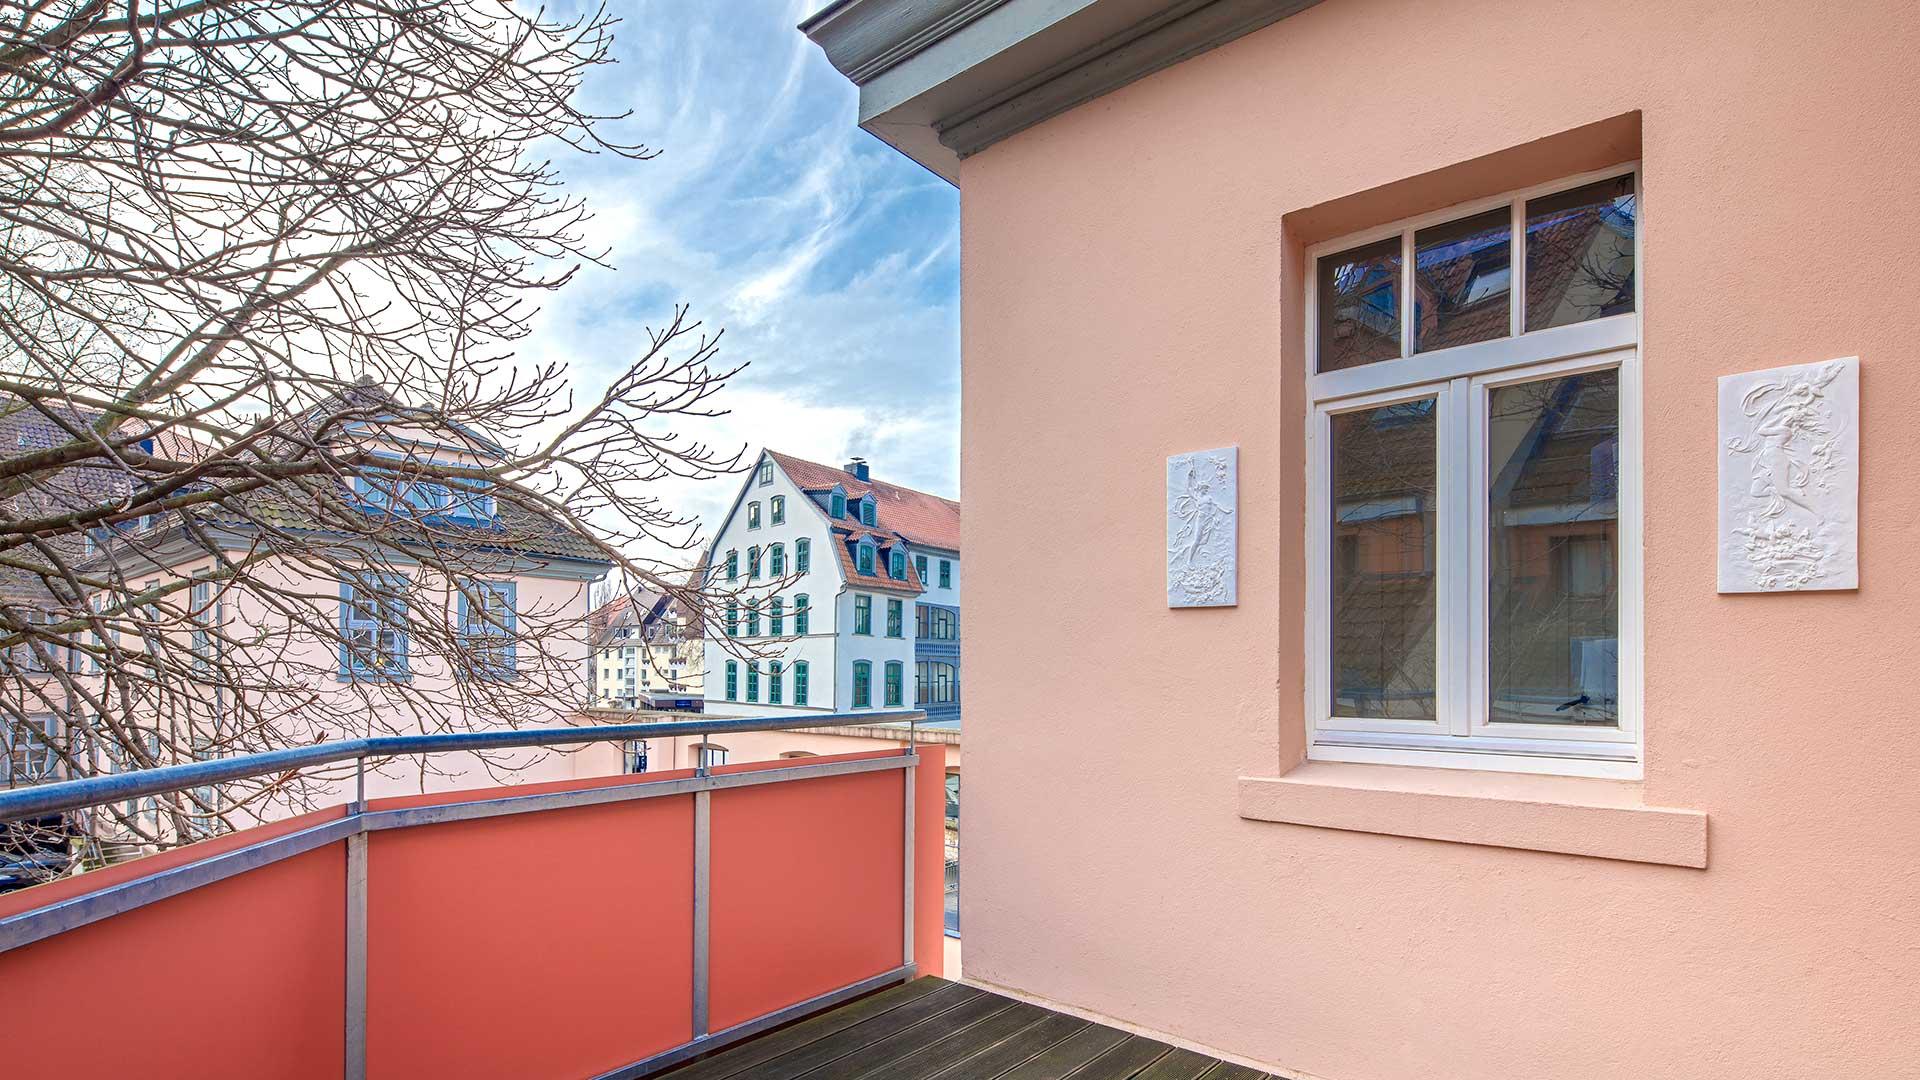 Architekturfotografie: Balkon mit sehenswertem Stadtblick | Foto: Dieter Eikenberg, imprints